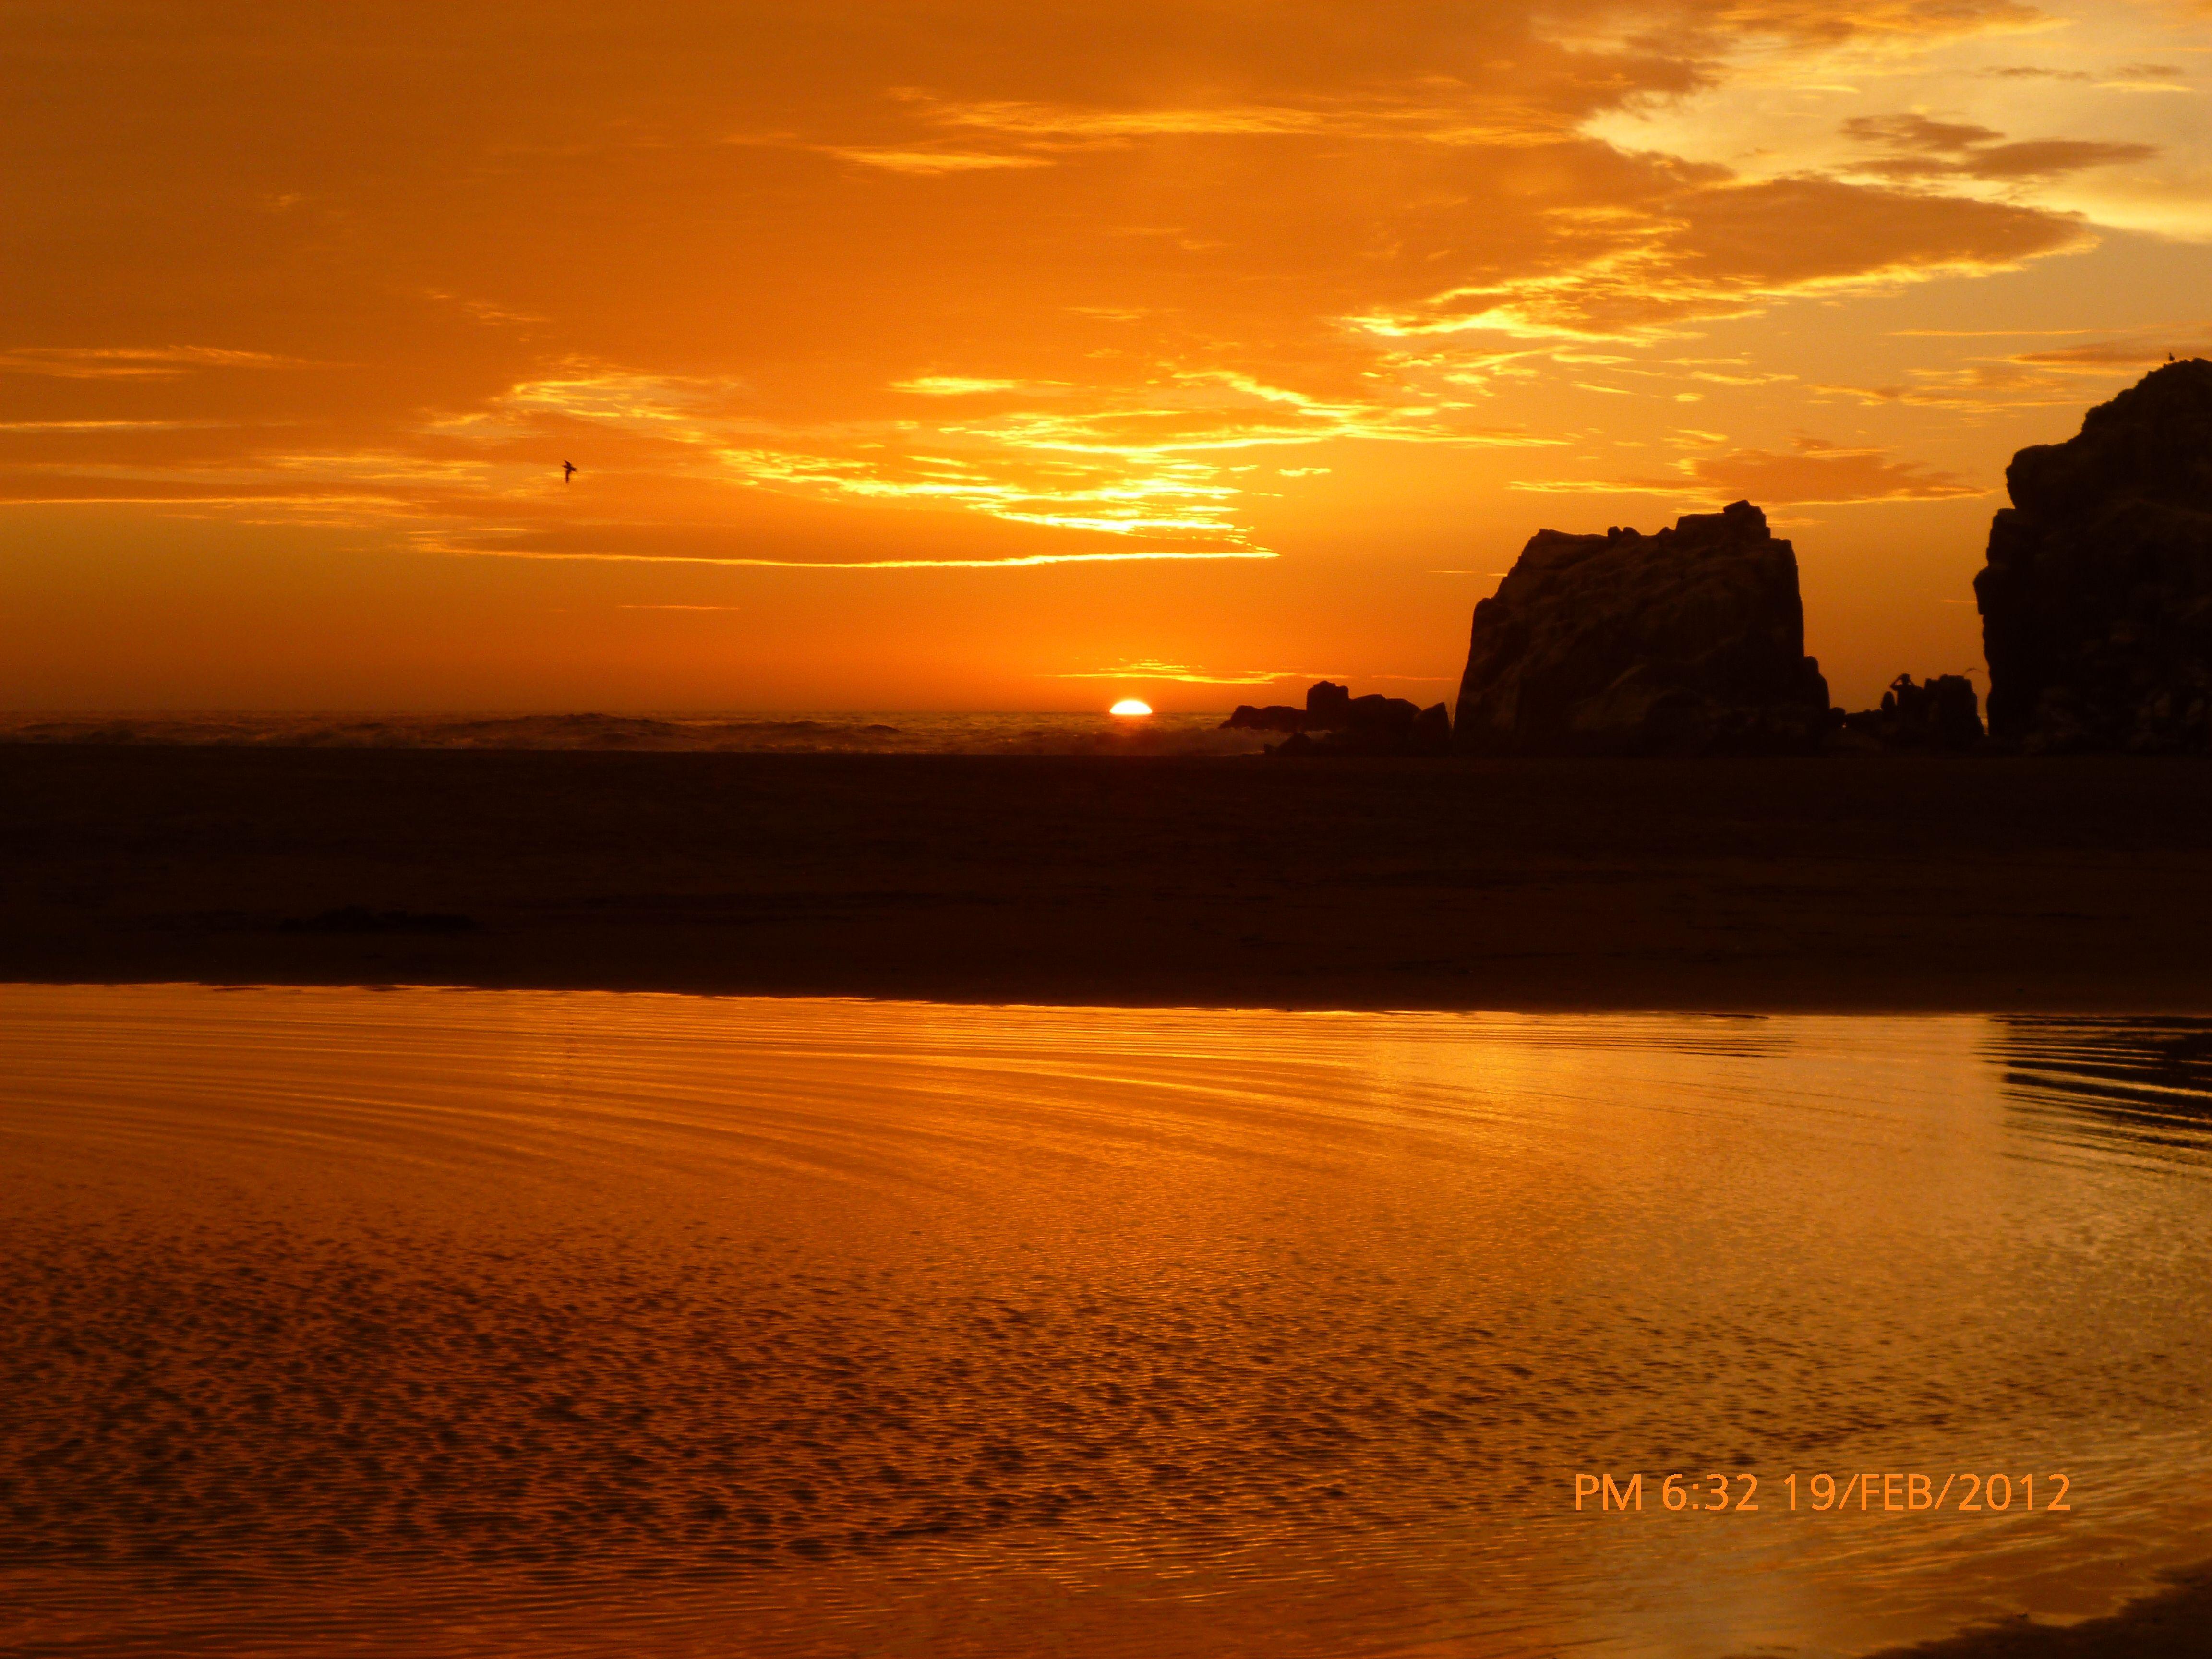 Sunset en Playa Puerto Fiel, Lima - Perú ❤. Febrero 2012